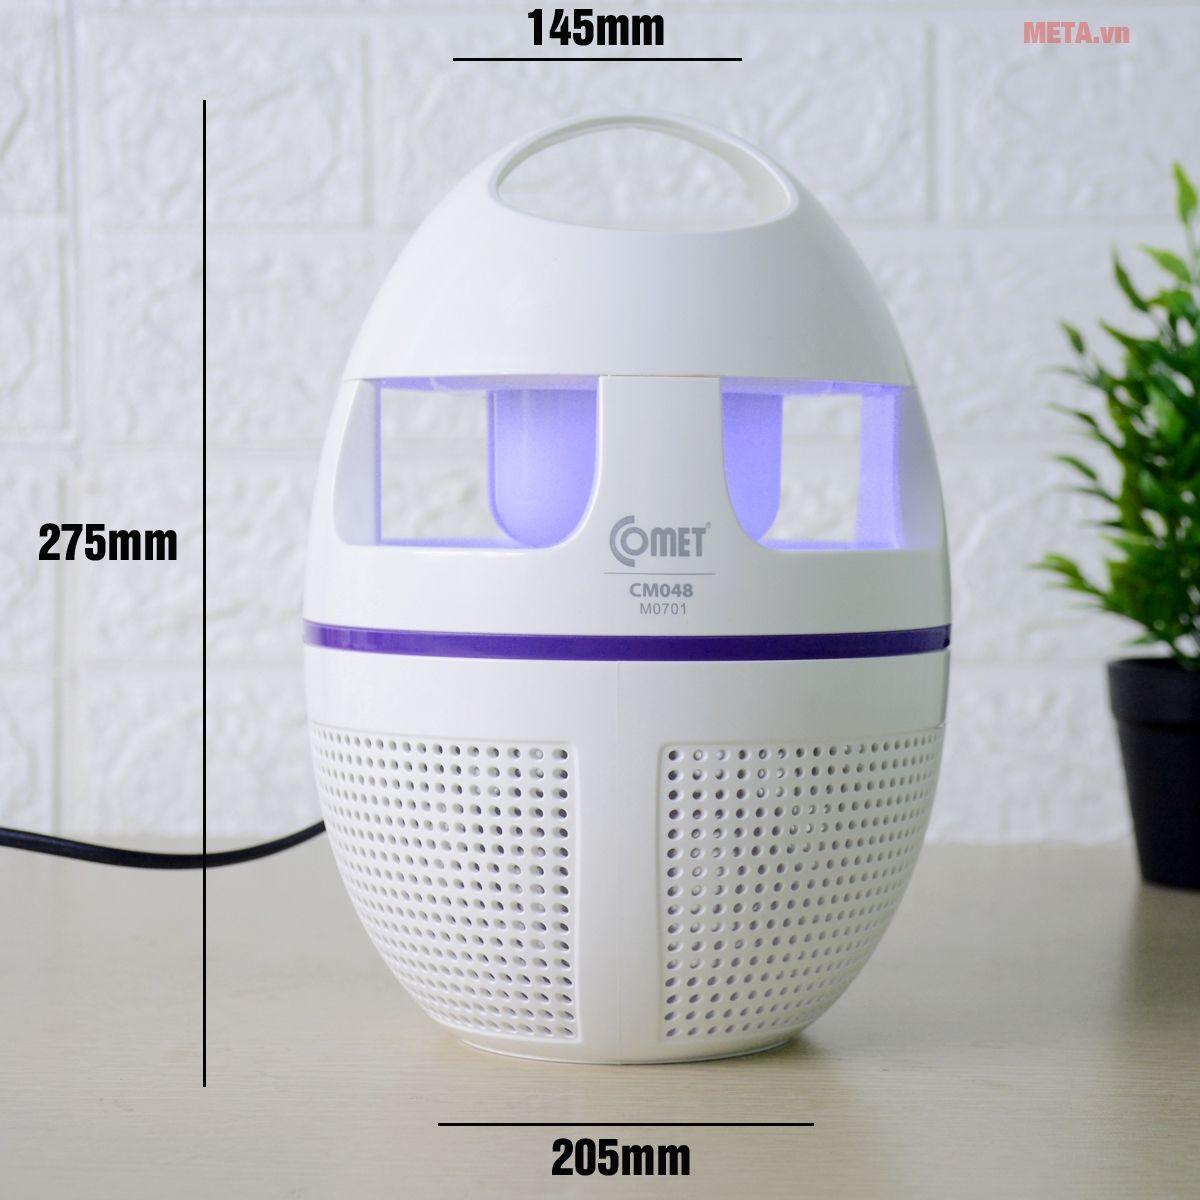 Kích thước đèn diệt muỗi đa năng CM048